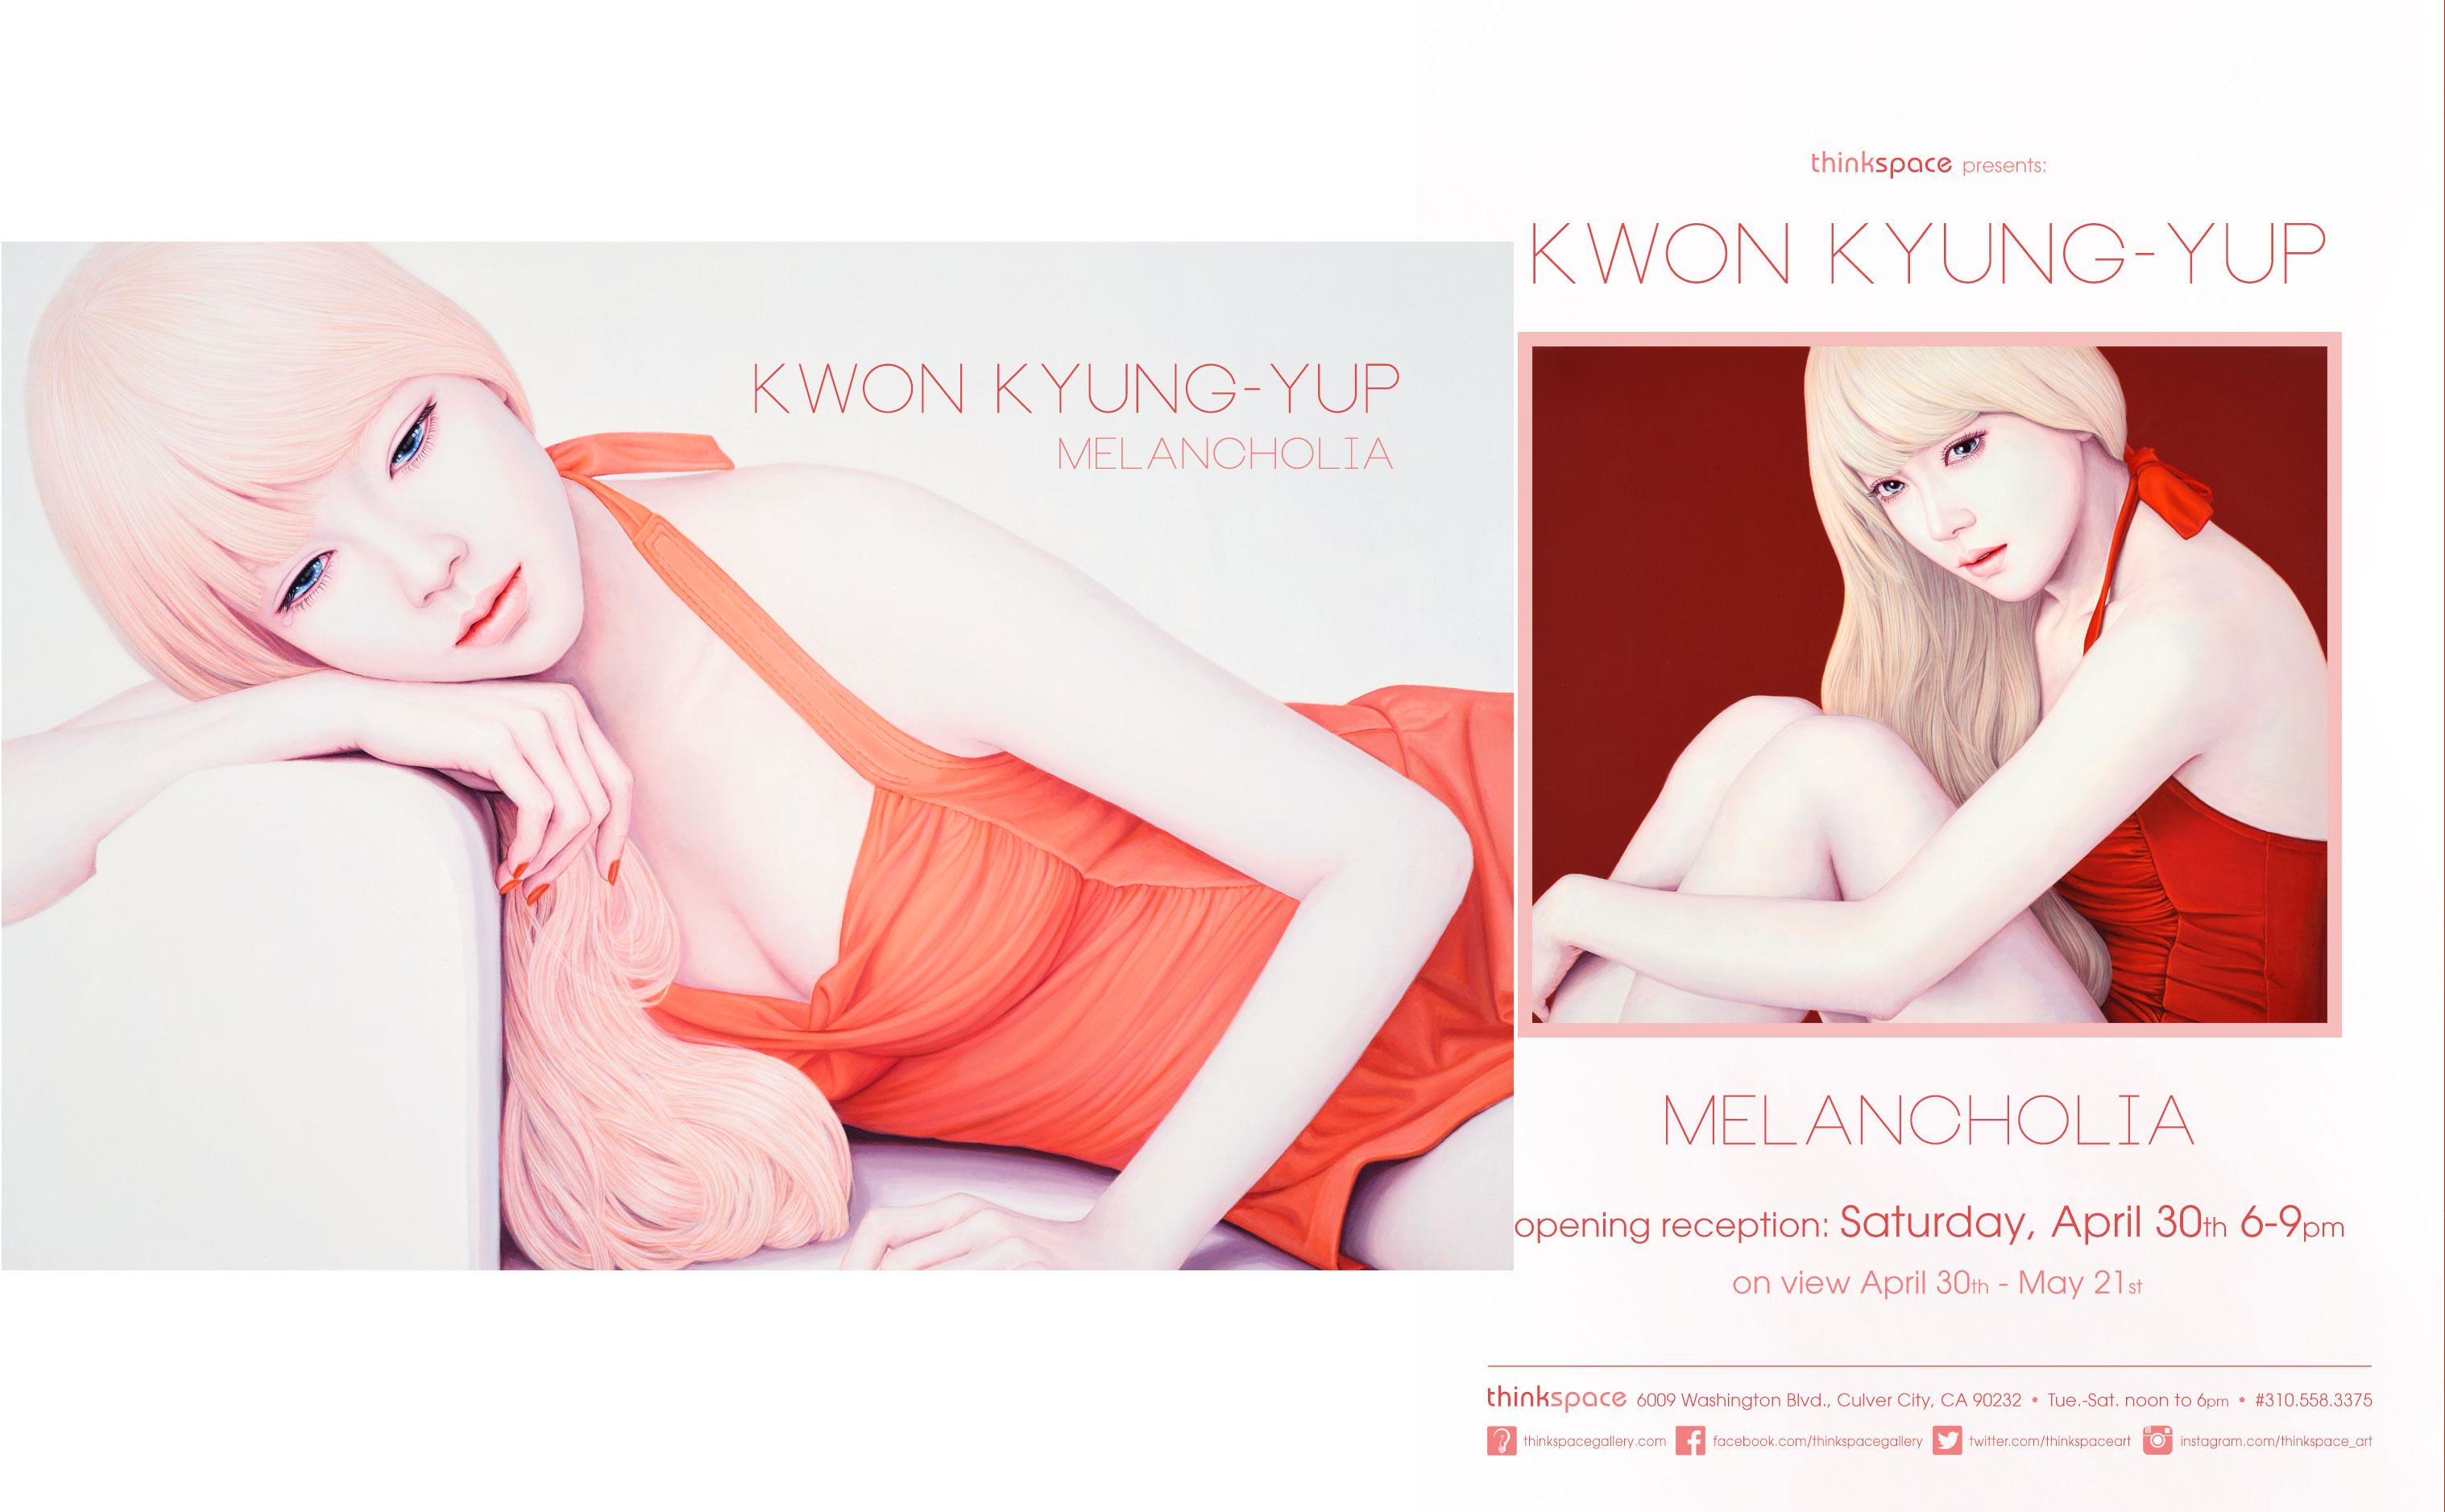 kwon kyung-yup melancholia